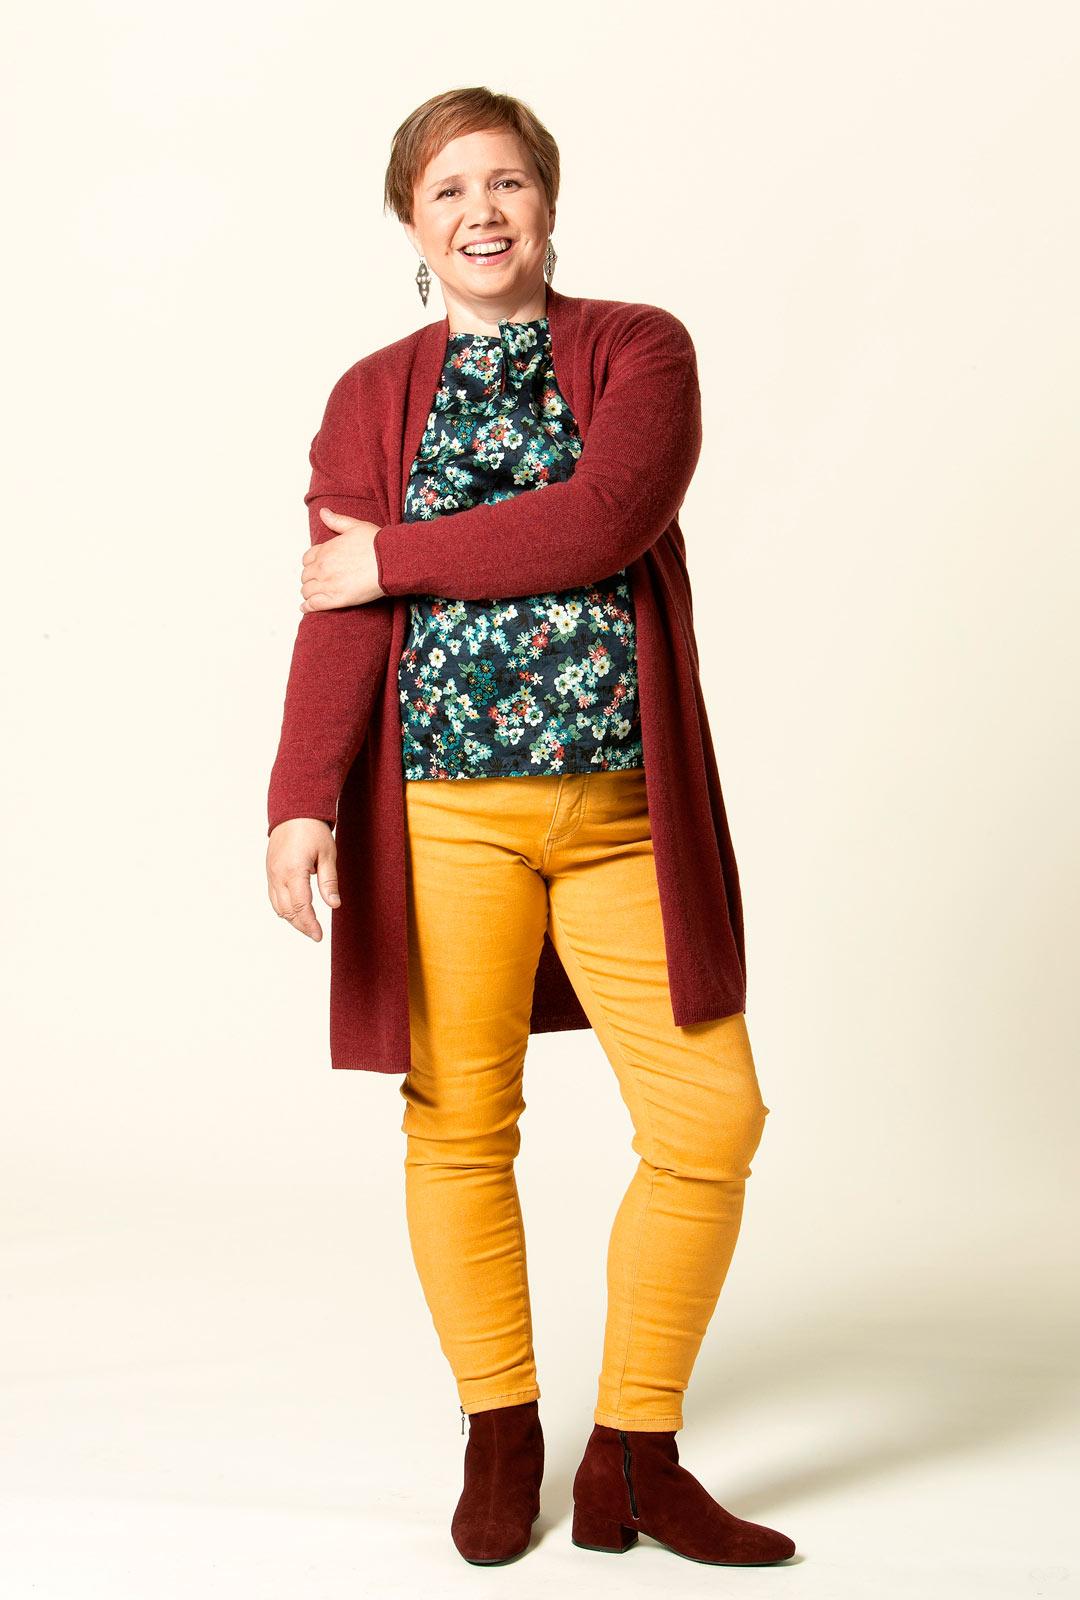 Heidi Kitti